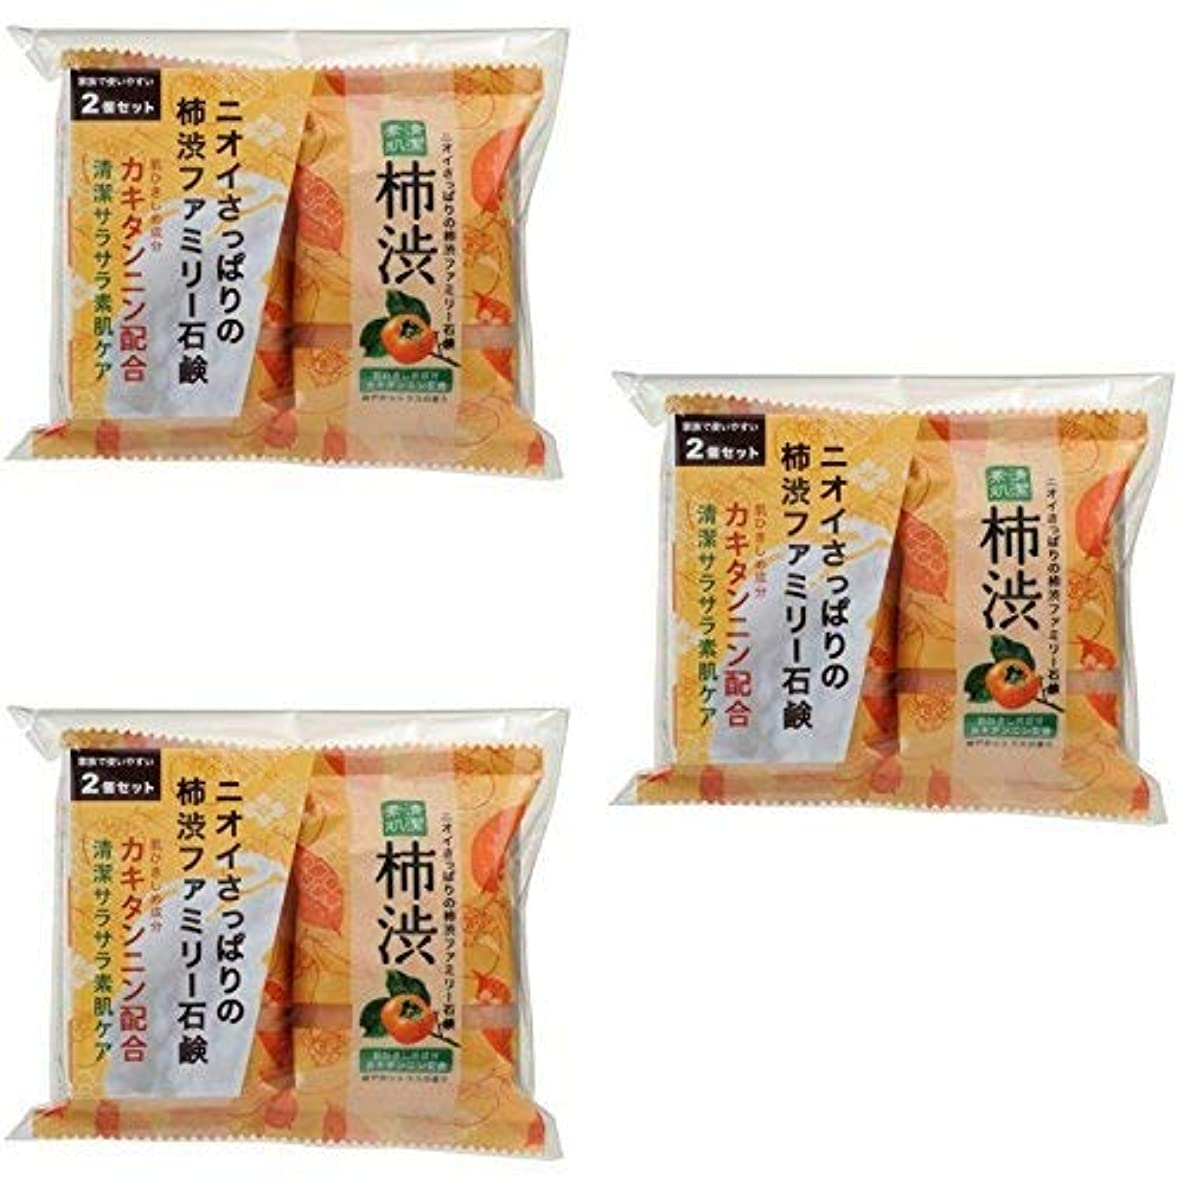 一郵便忘れられないペリカン石鹸 ファミリー柿渋石鹸 80gX2【3個セット】